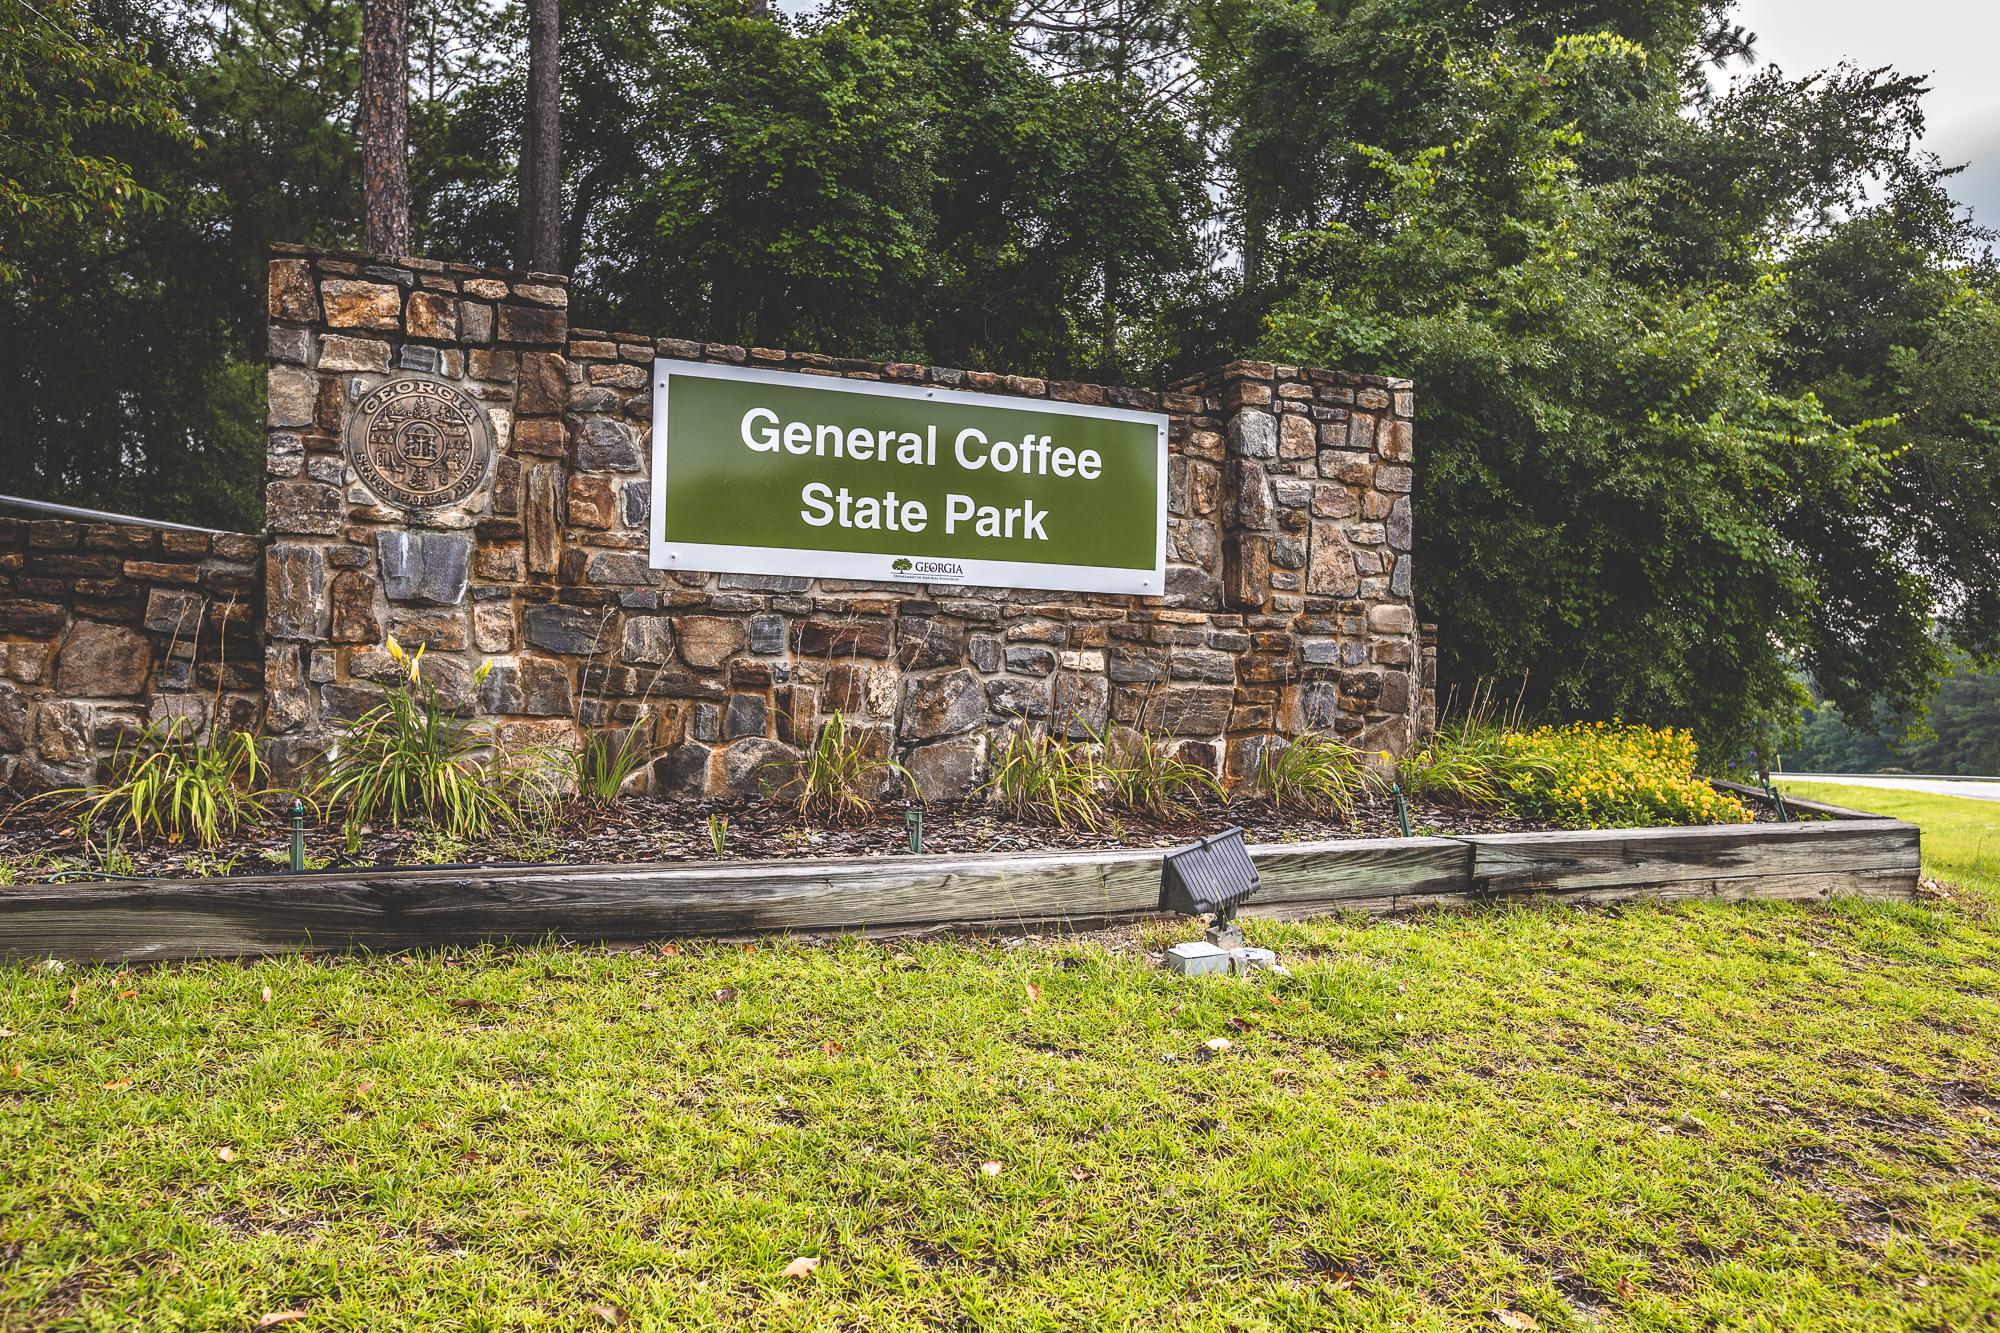 coffee-general-state-park-2.jpg